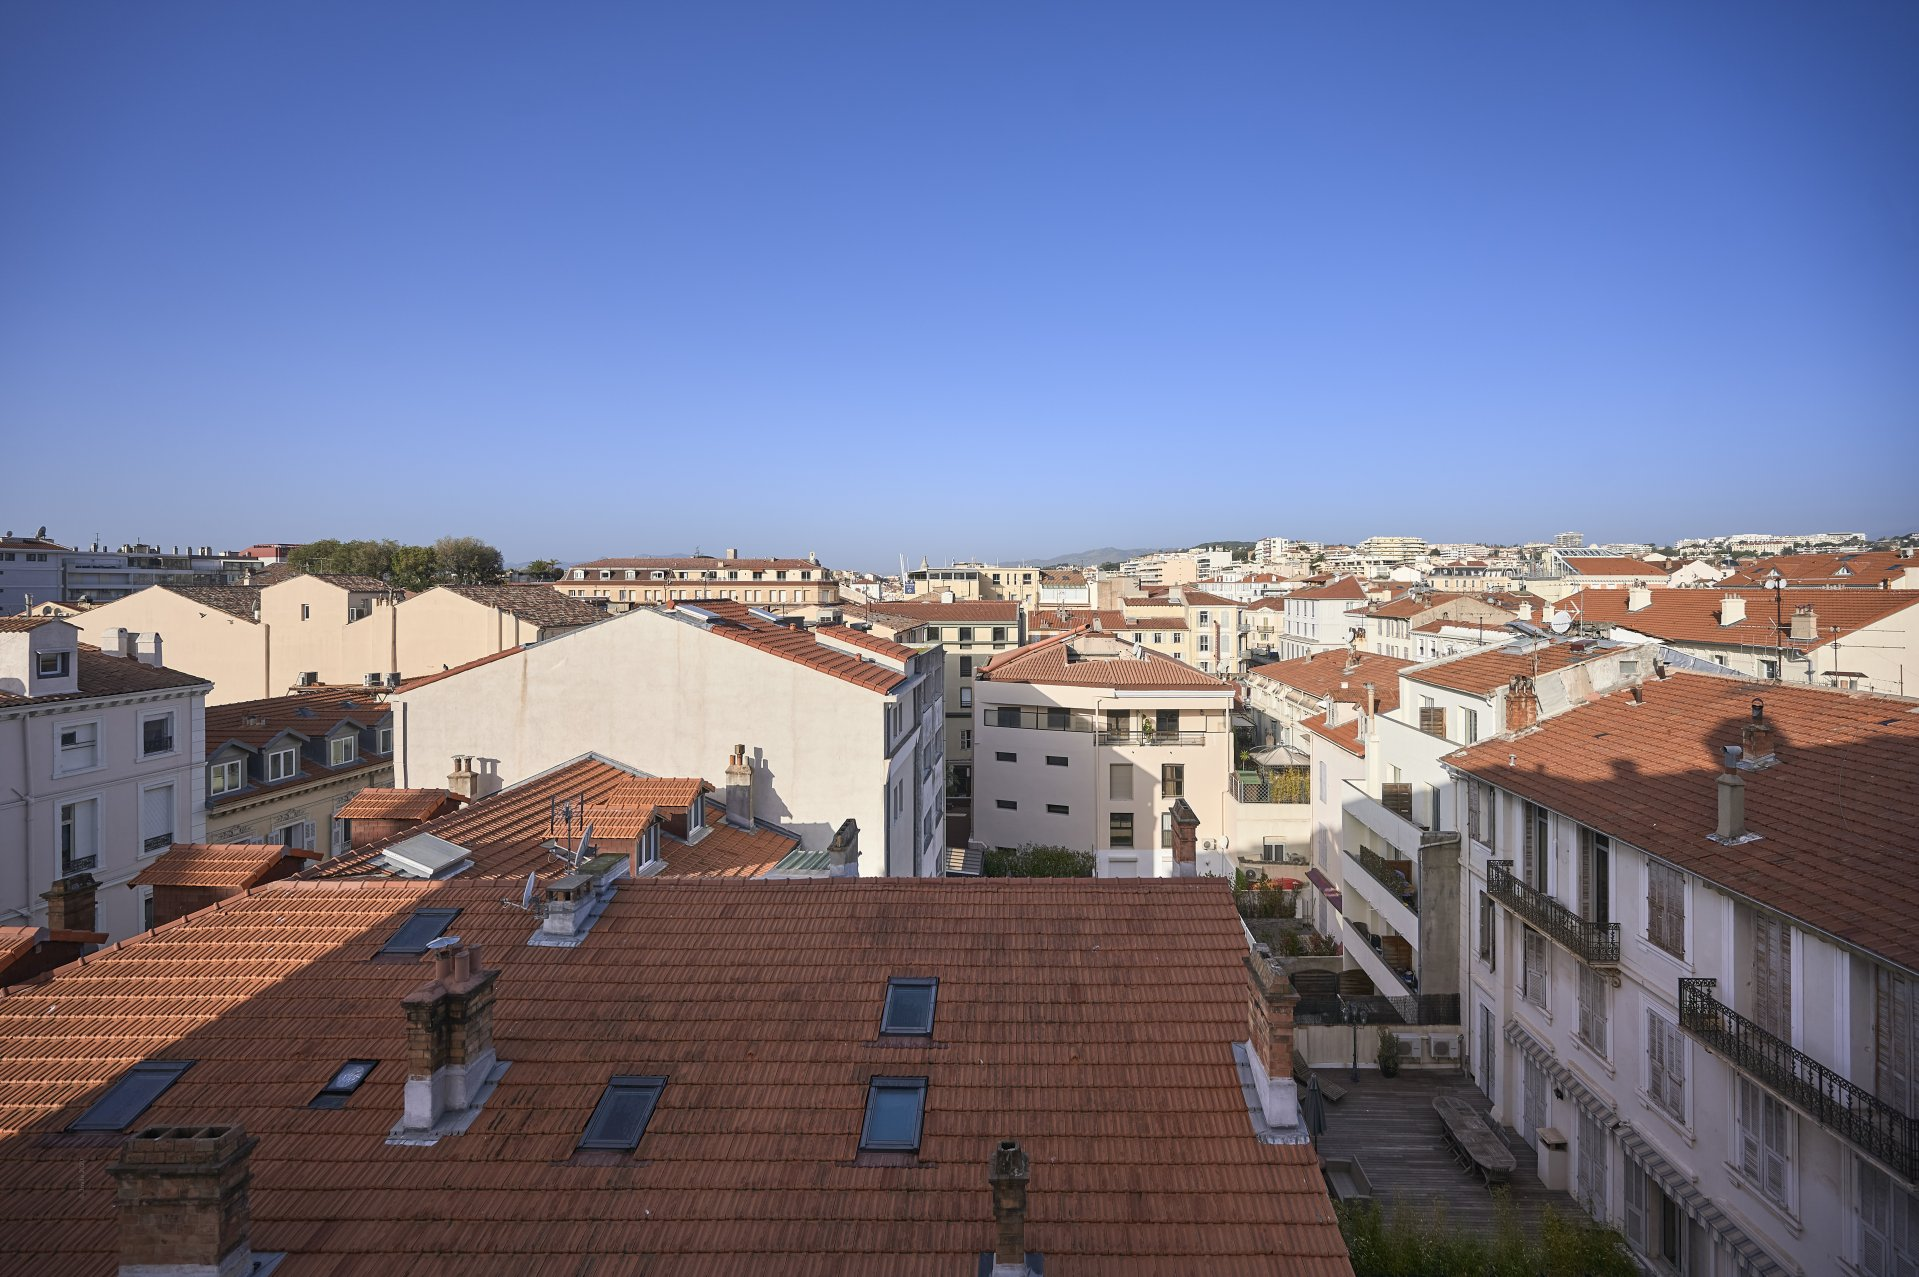 A vendre - 4 pièces contemporain en plein centre ville - Cannes Banane